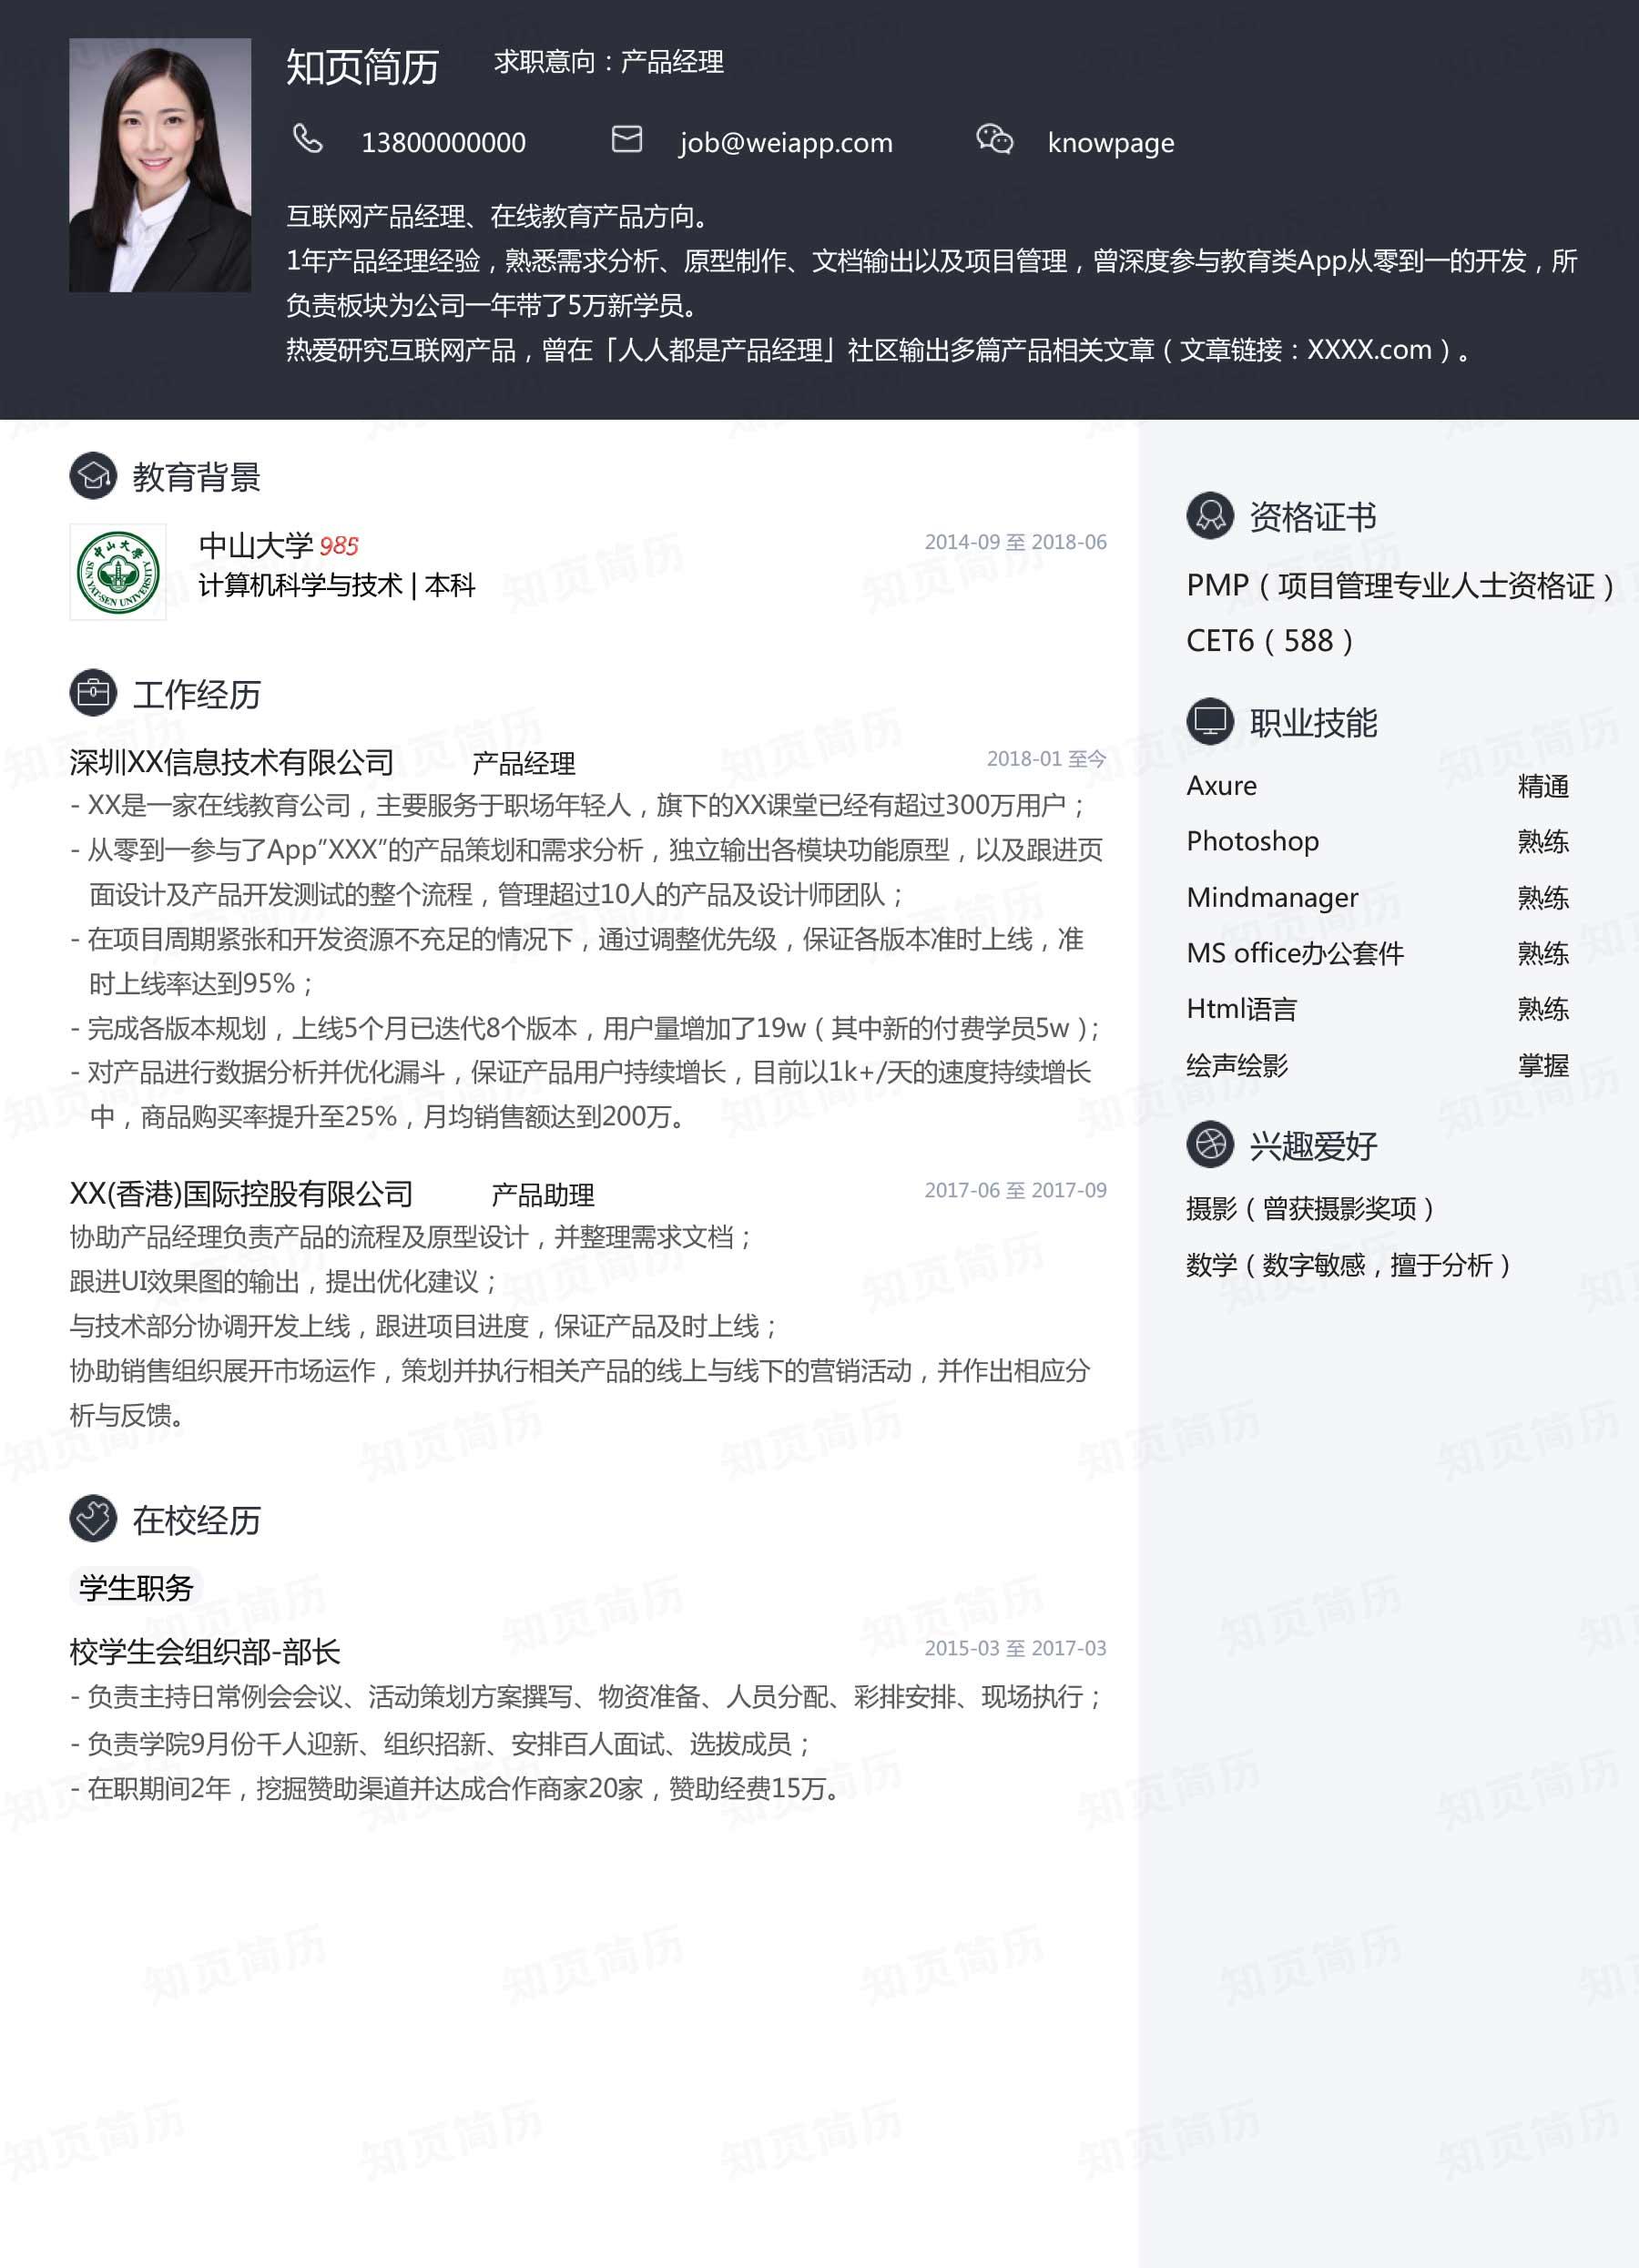 产品经理简历模板(社招)